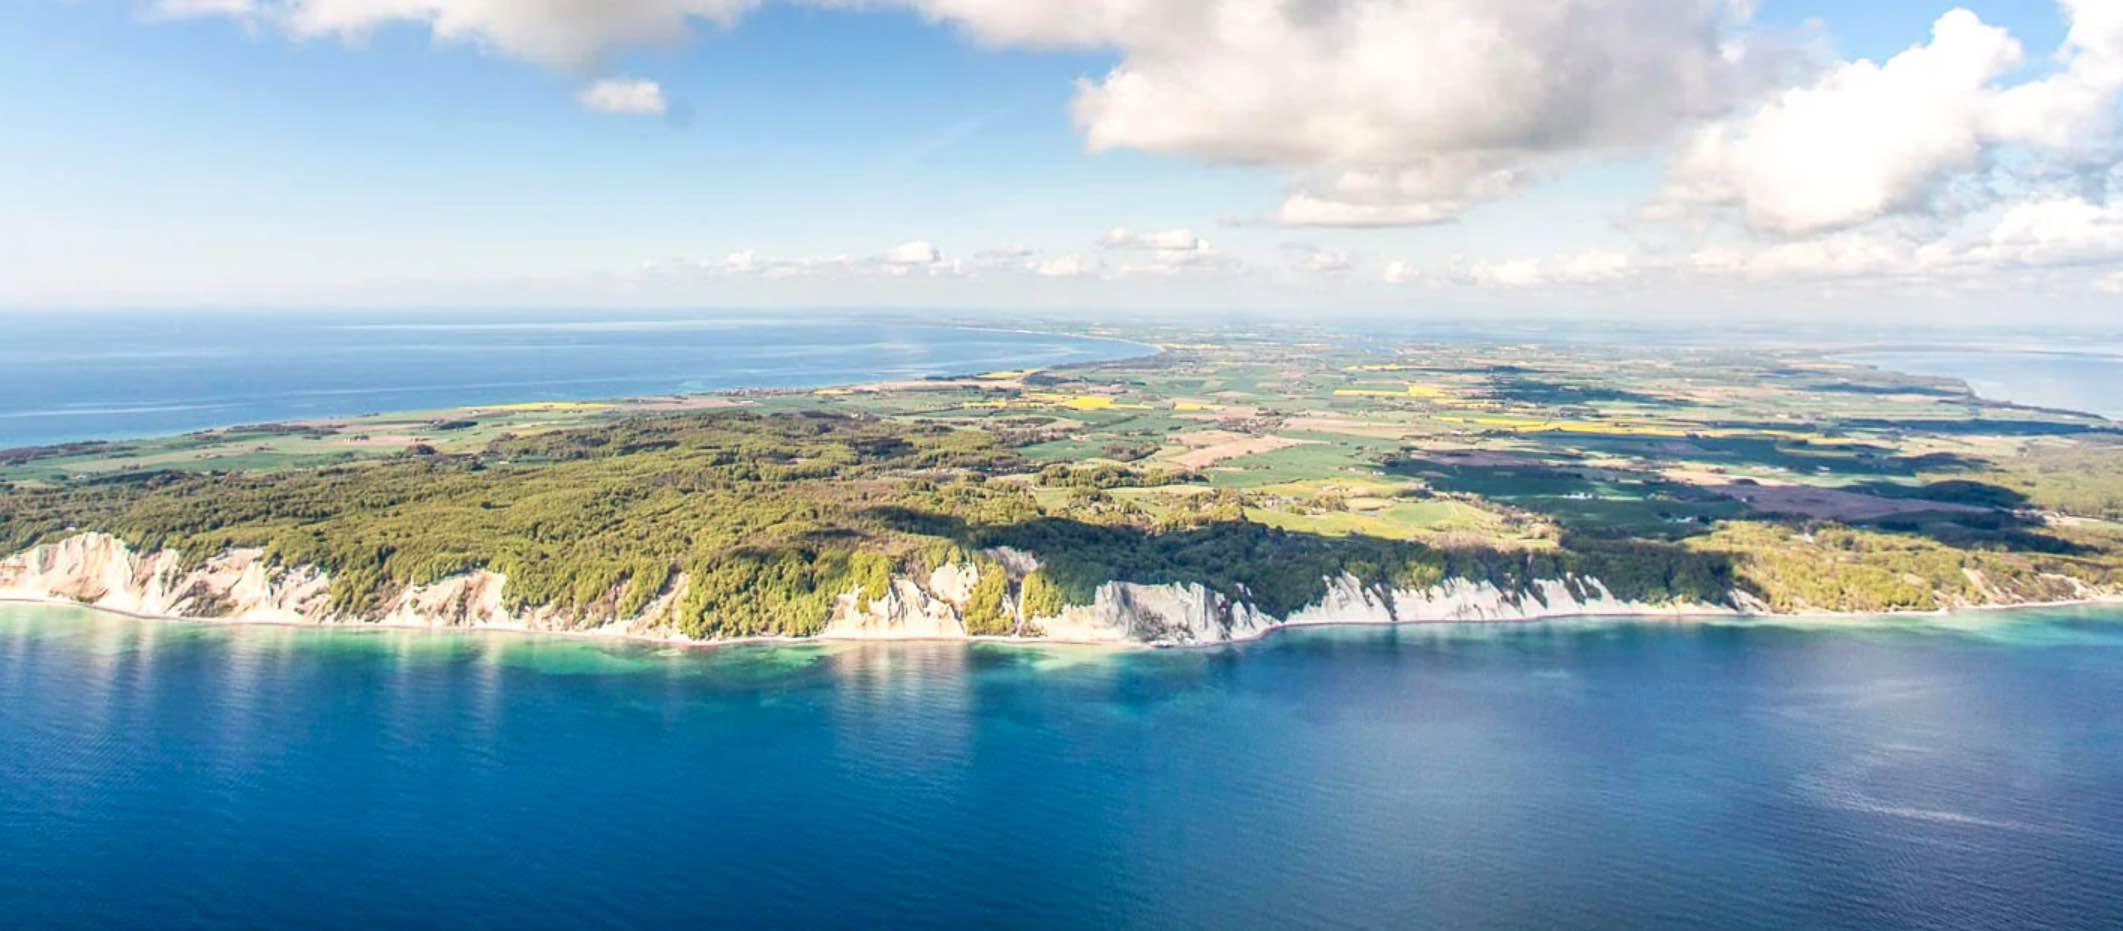 Rejsetilbud: Sommerferie på Sydhavsøerne